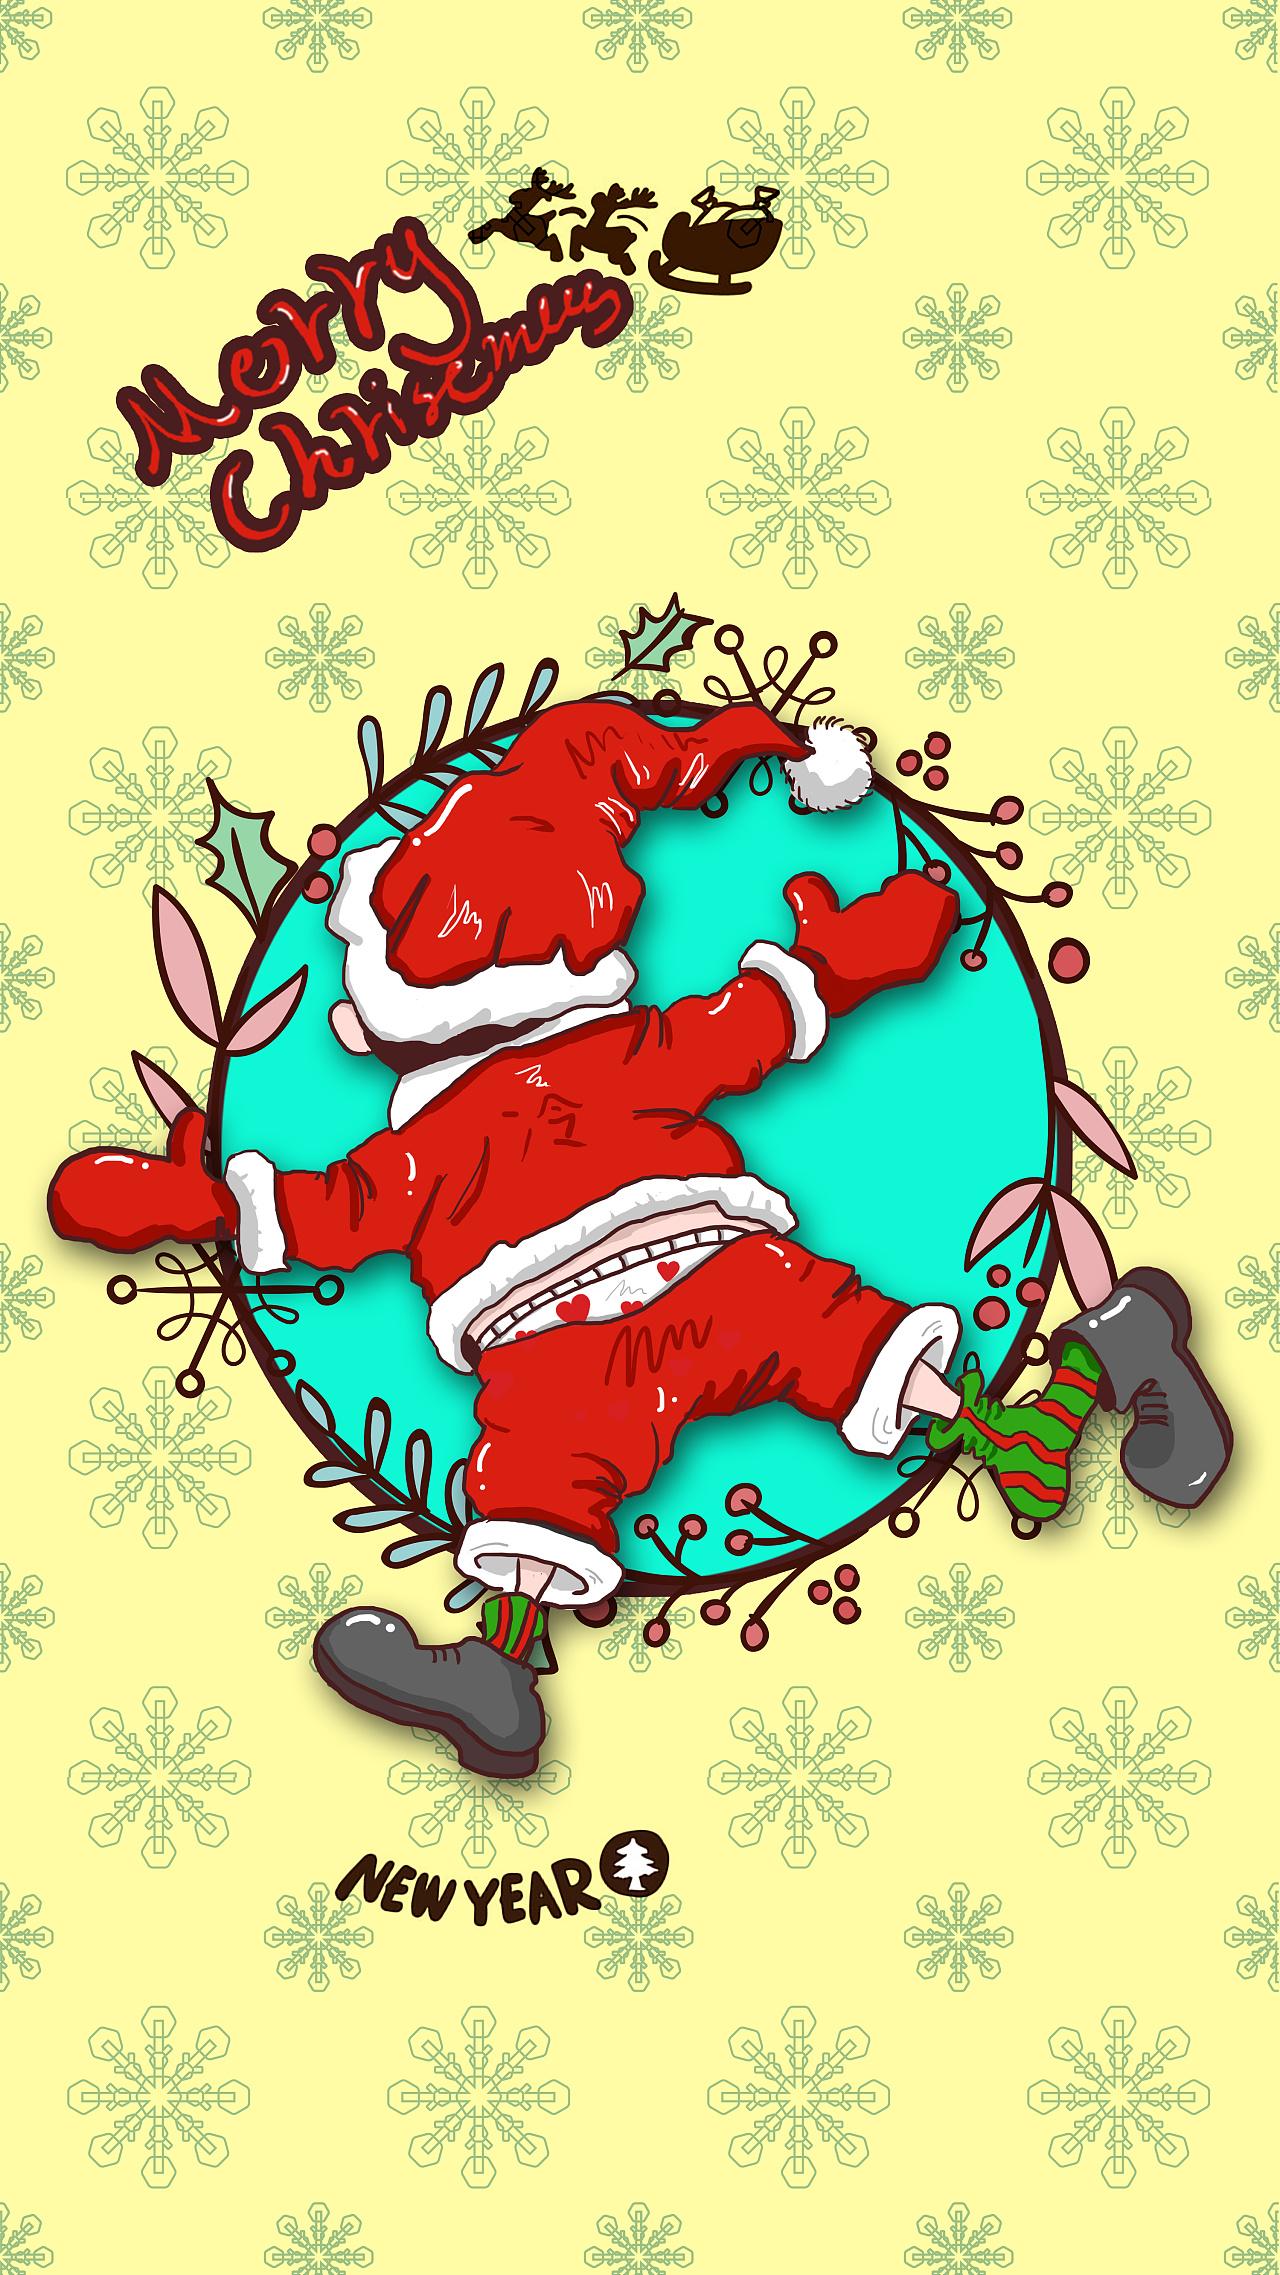 手绘圣诞节手机壁纸(火包胡同原创动漫人物形象扩展)系列x5